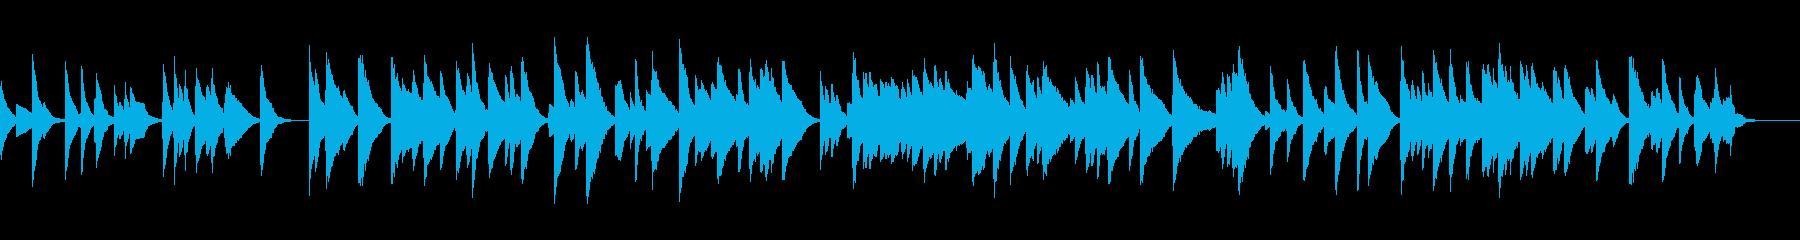 ゆったりとしたジャズピアノソロの再生済みの波形